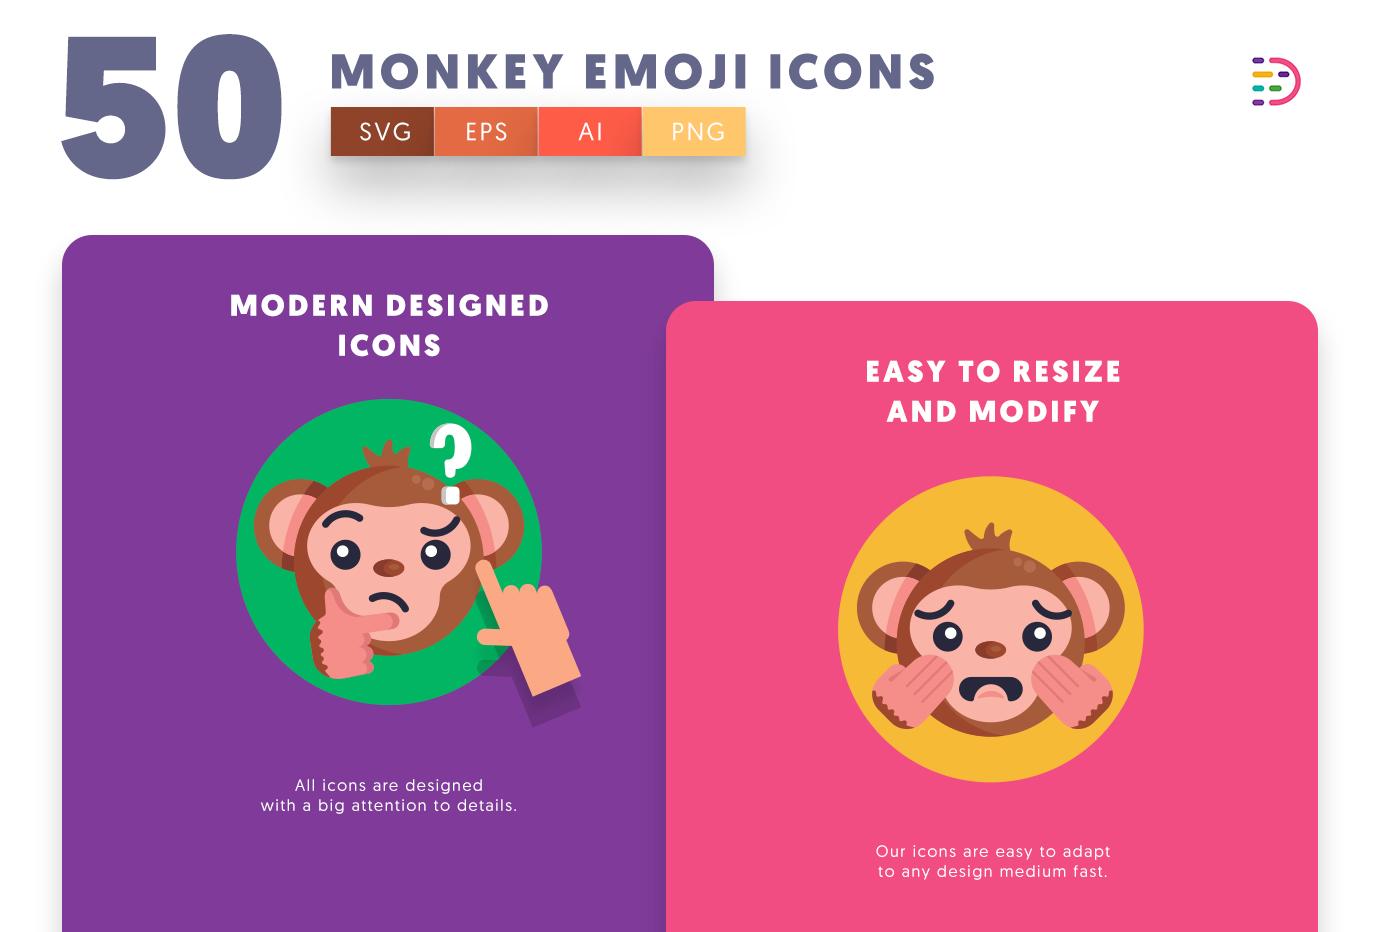 Monkey Emoji icons png/svg/eps